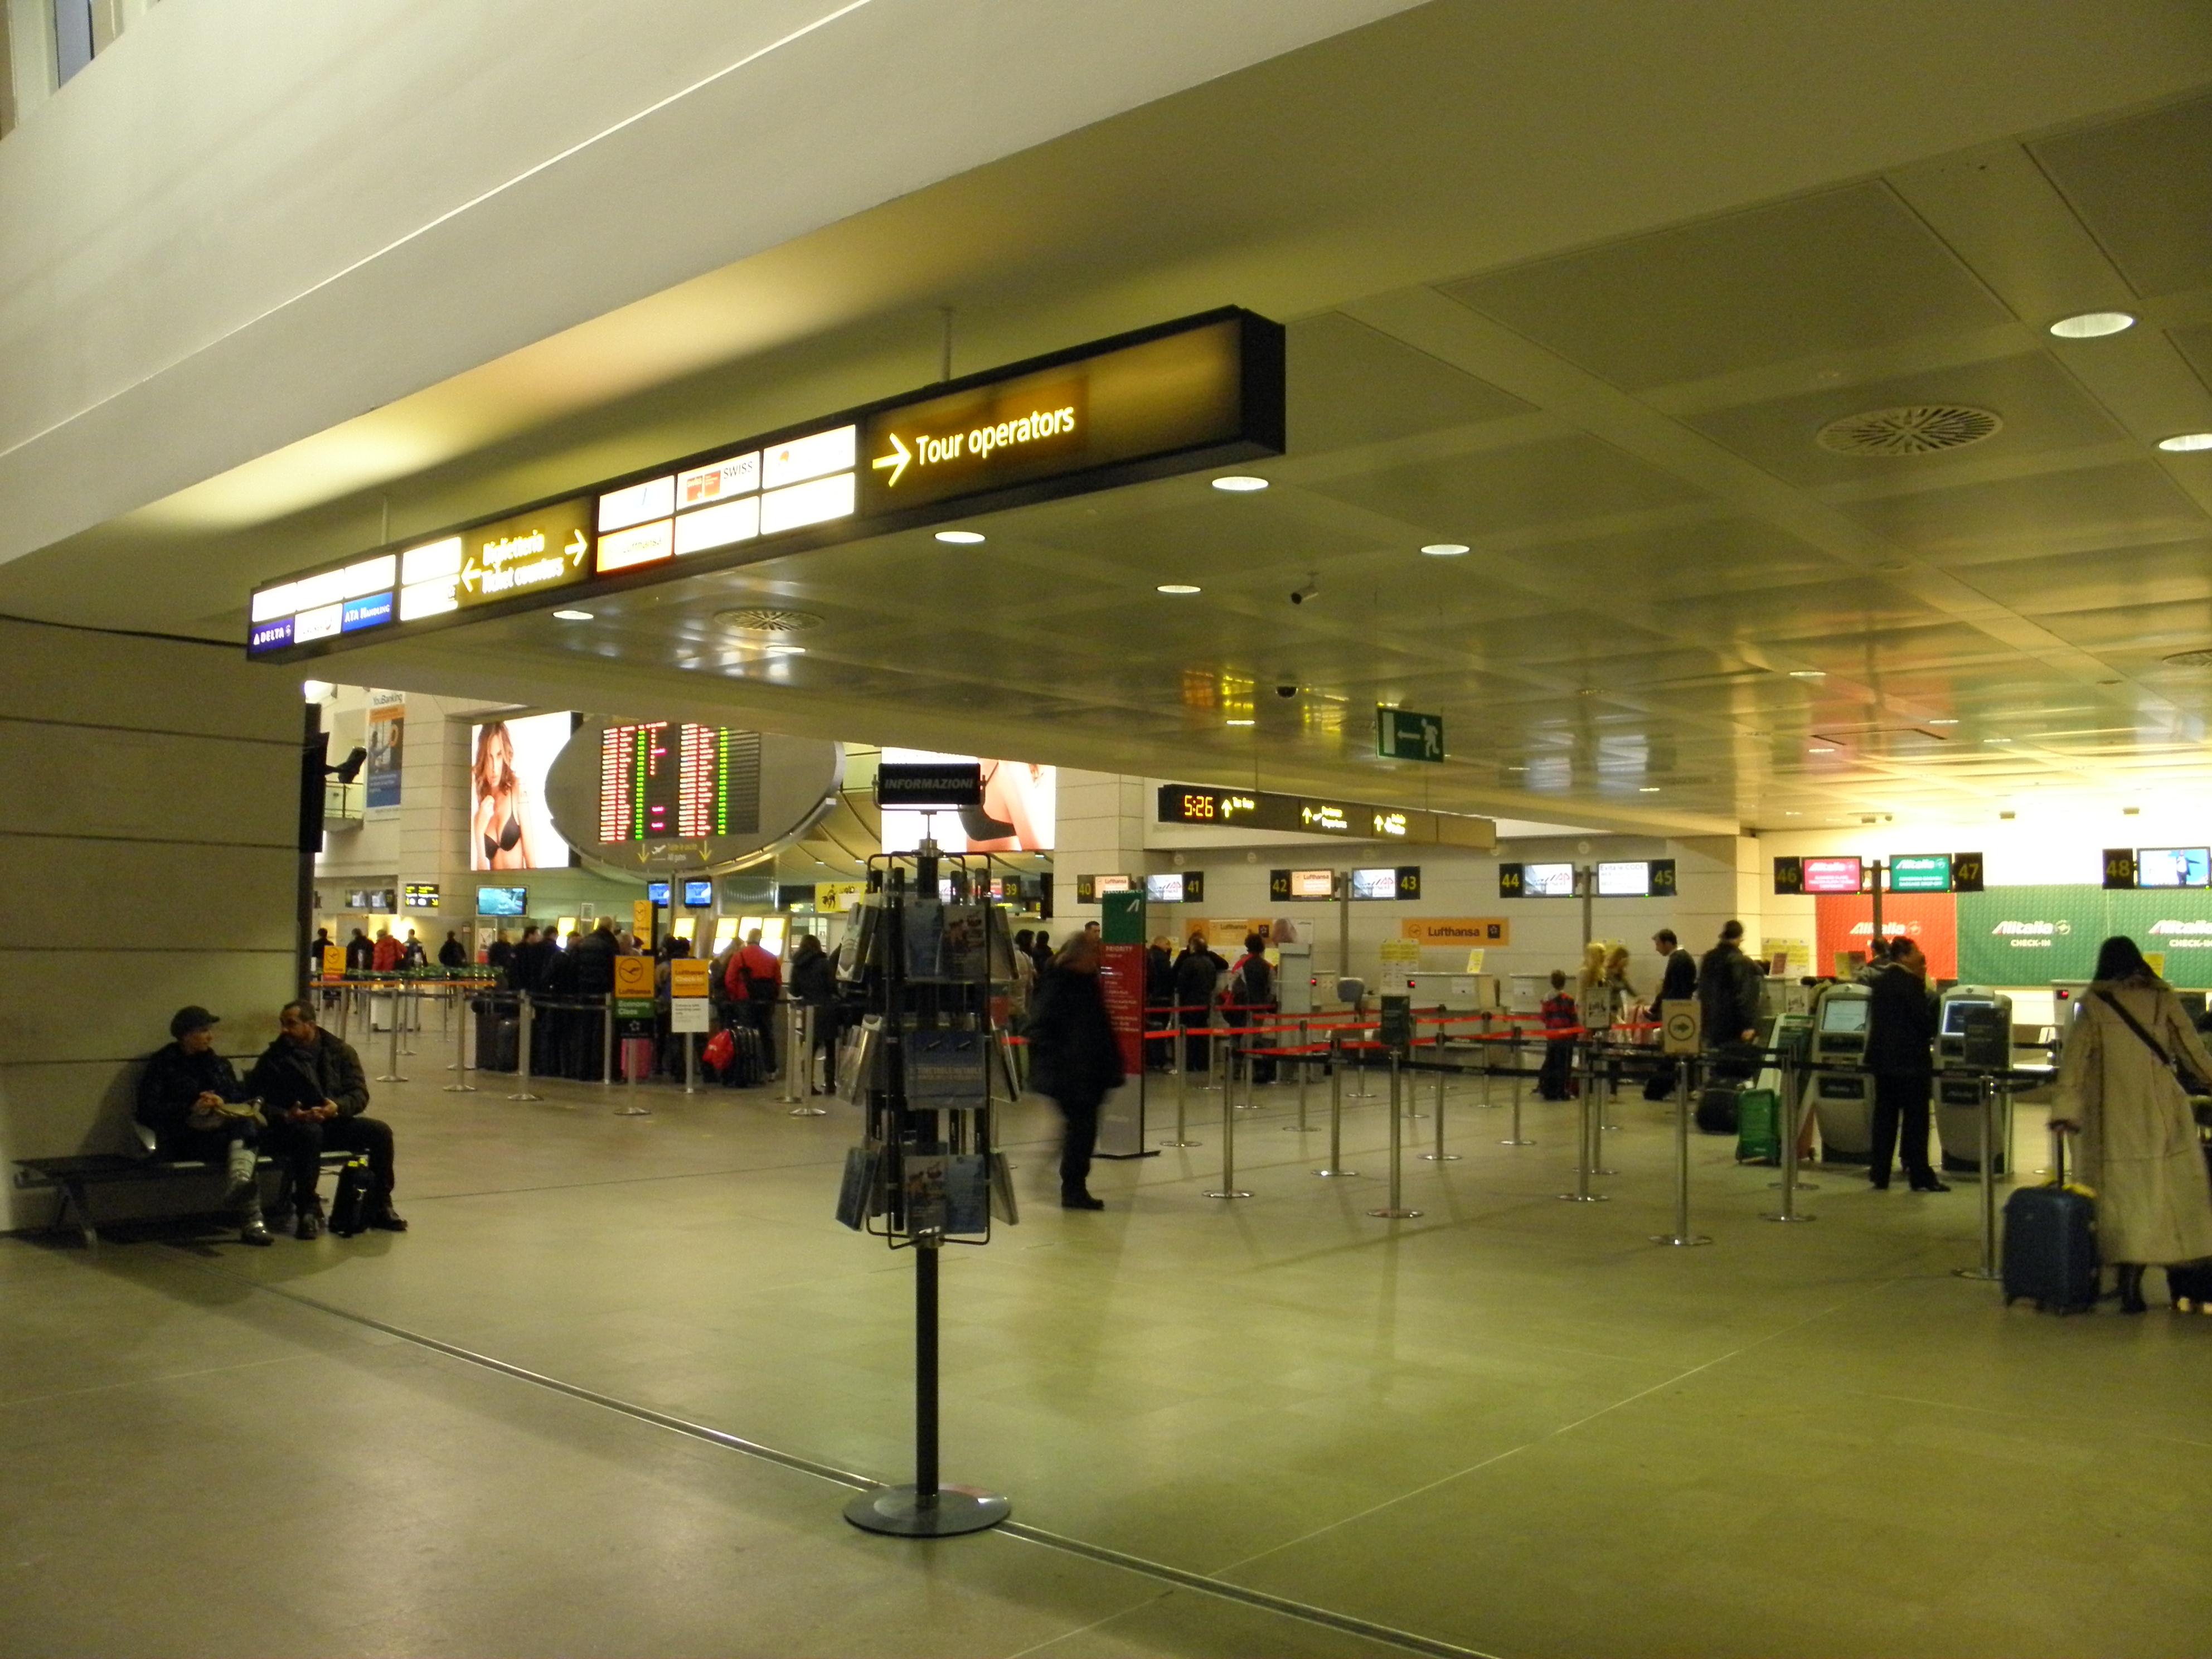 Aeroporto Venezia Treviso : File aeroporto marco polo di venezia tessera interno g